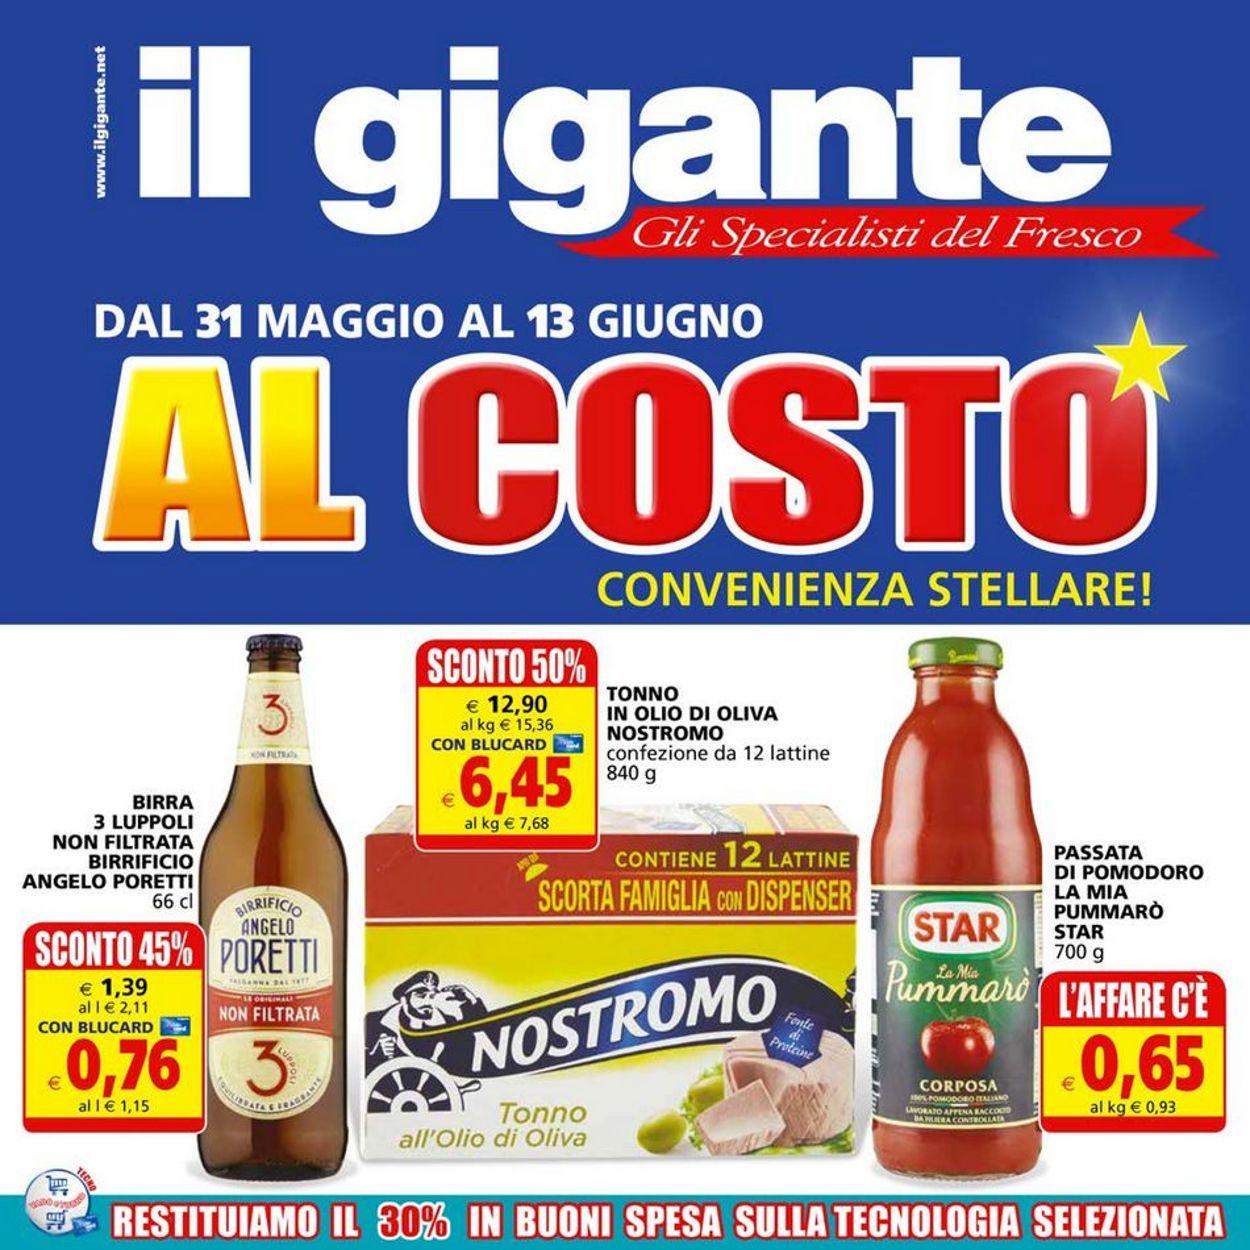 Volantino Il Gigante - Offerte 31/05-13/06/2021